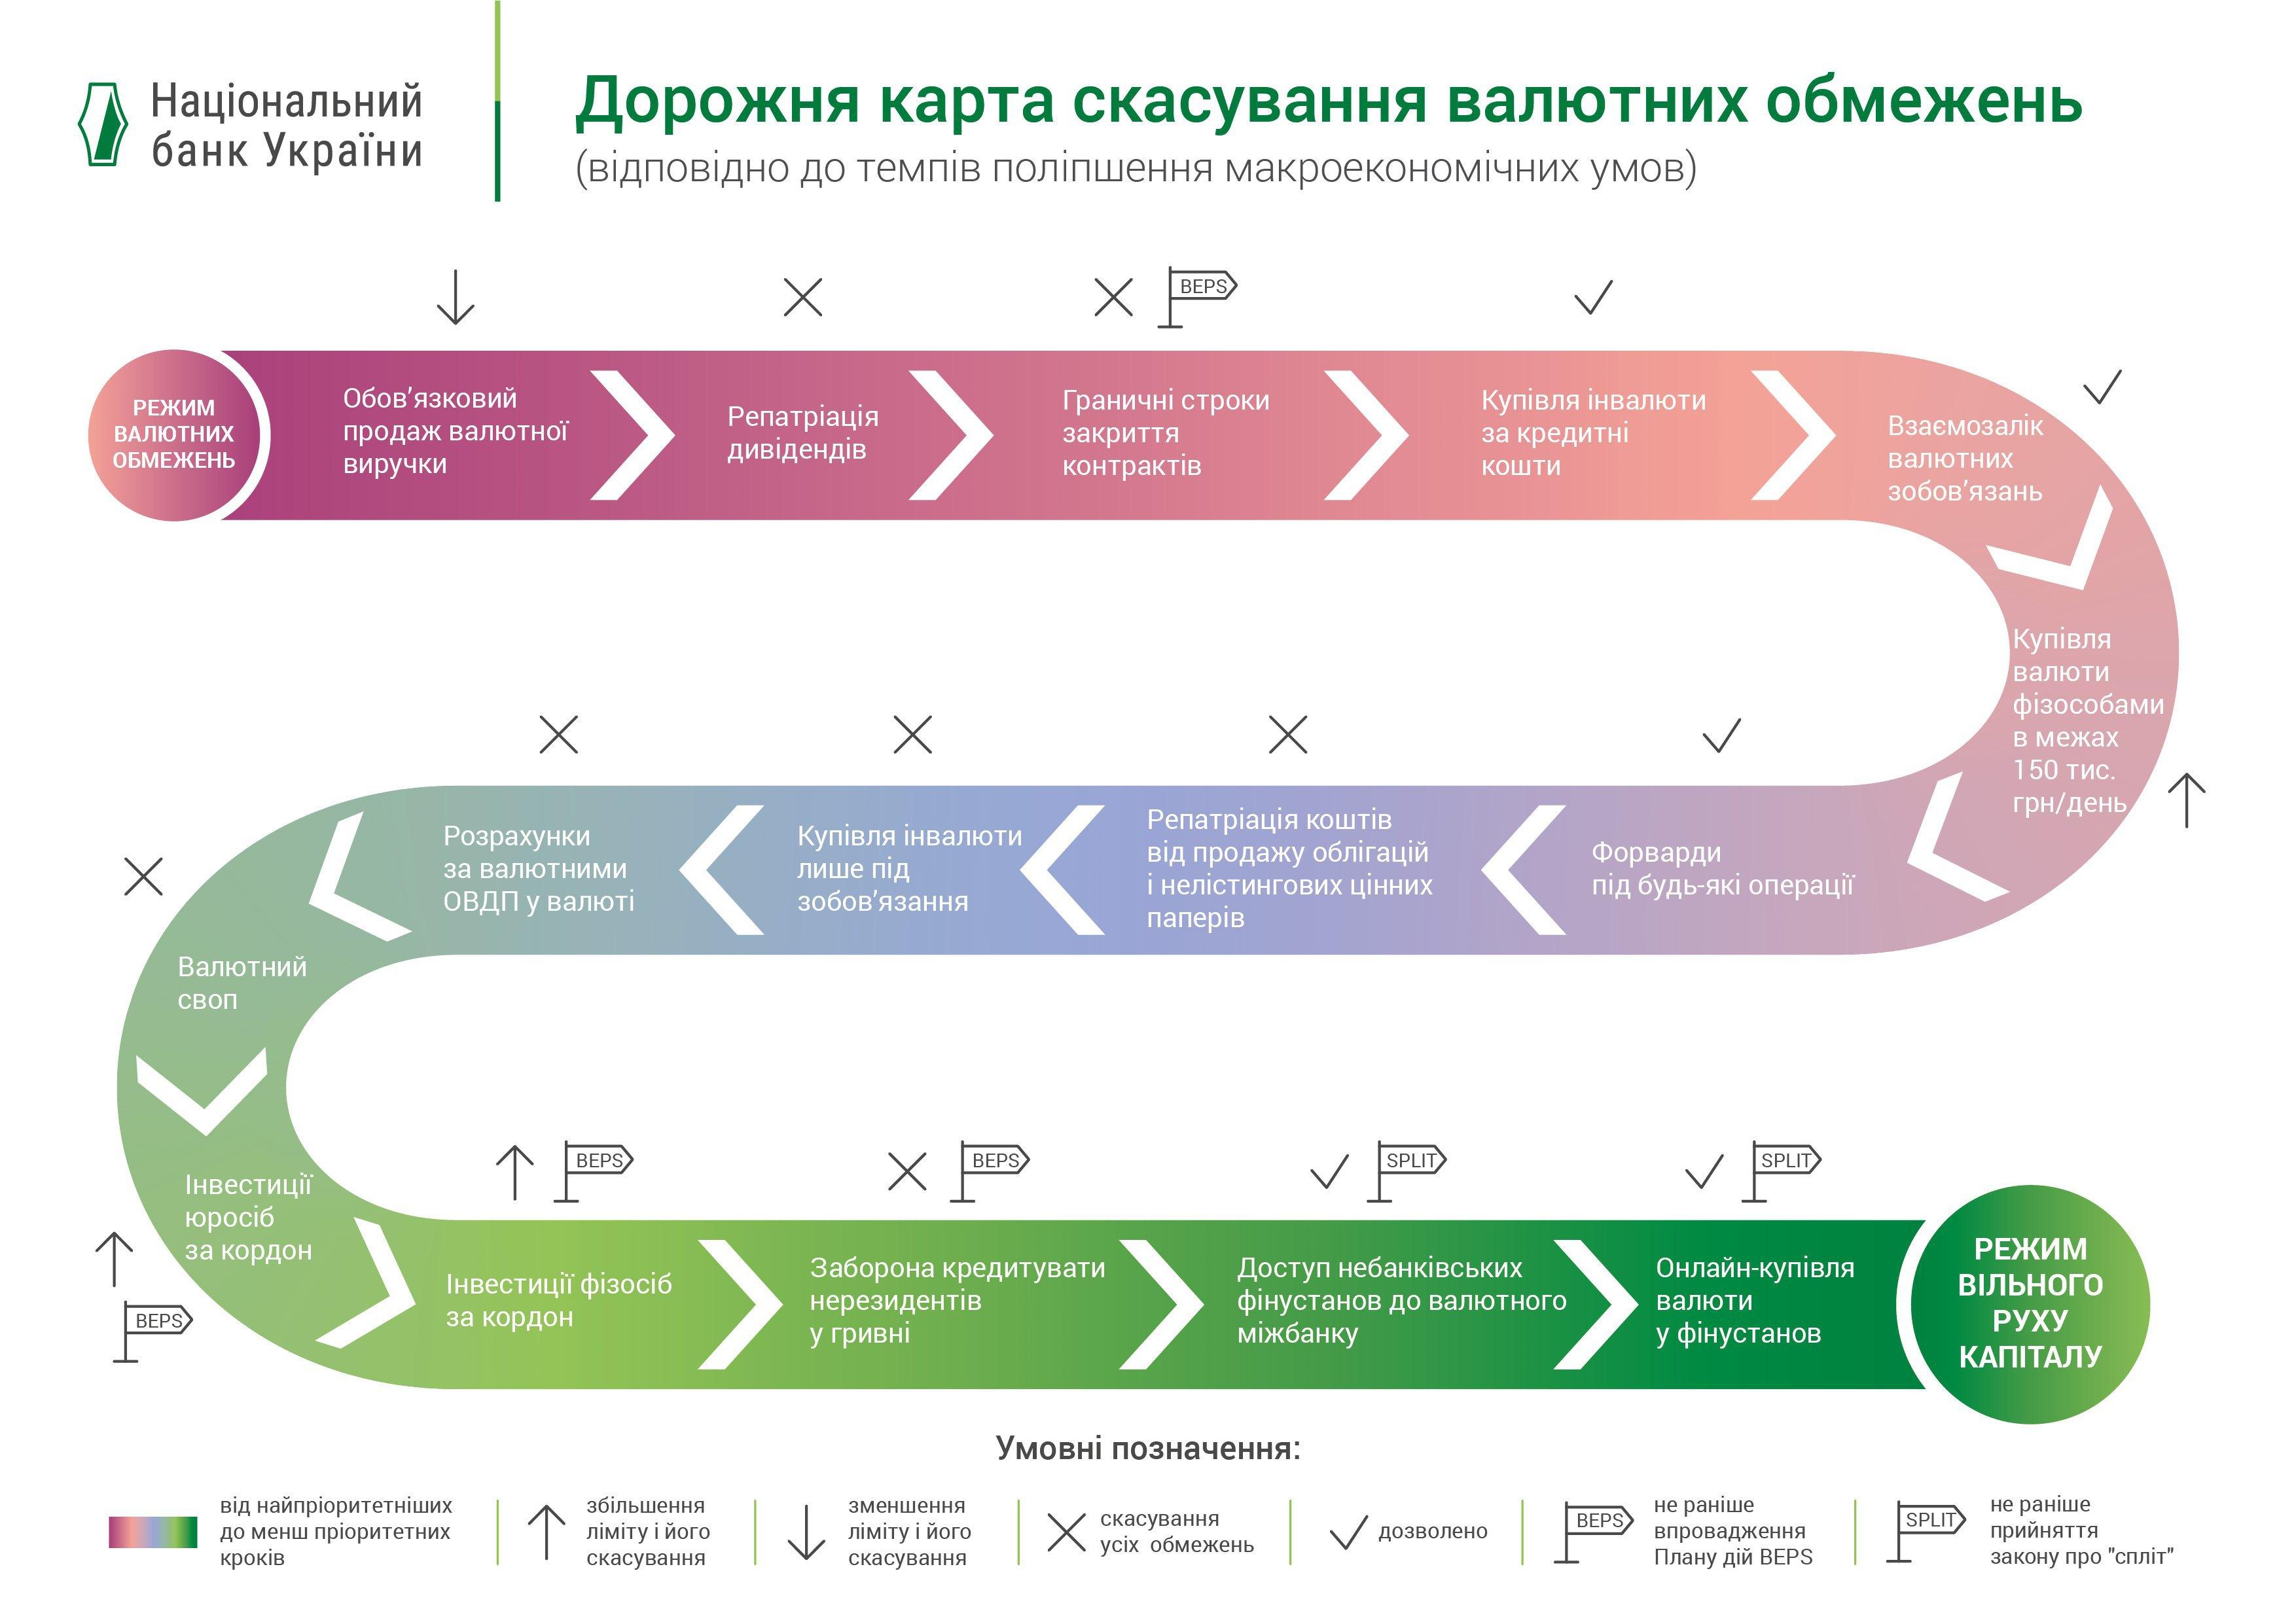 НБУ отменил обязательную реализацию валюты